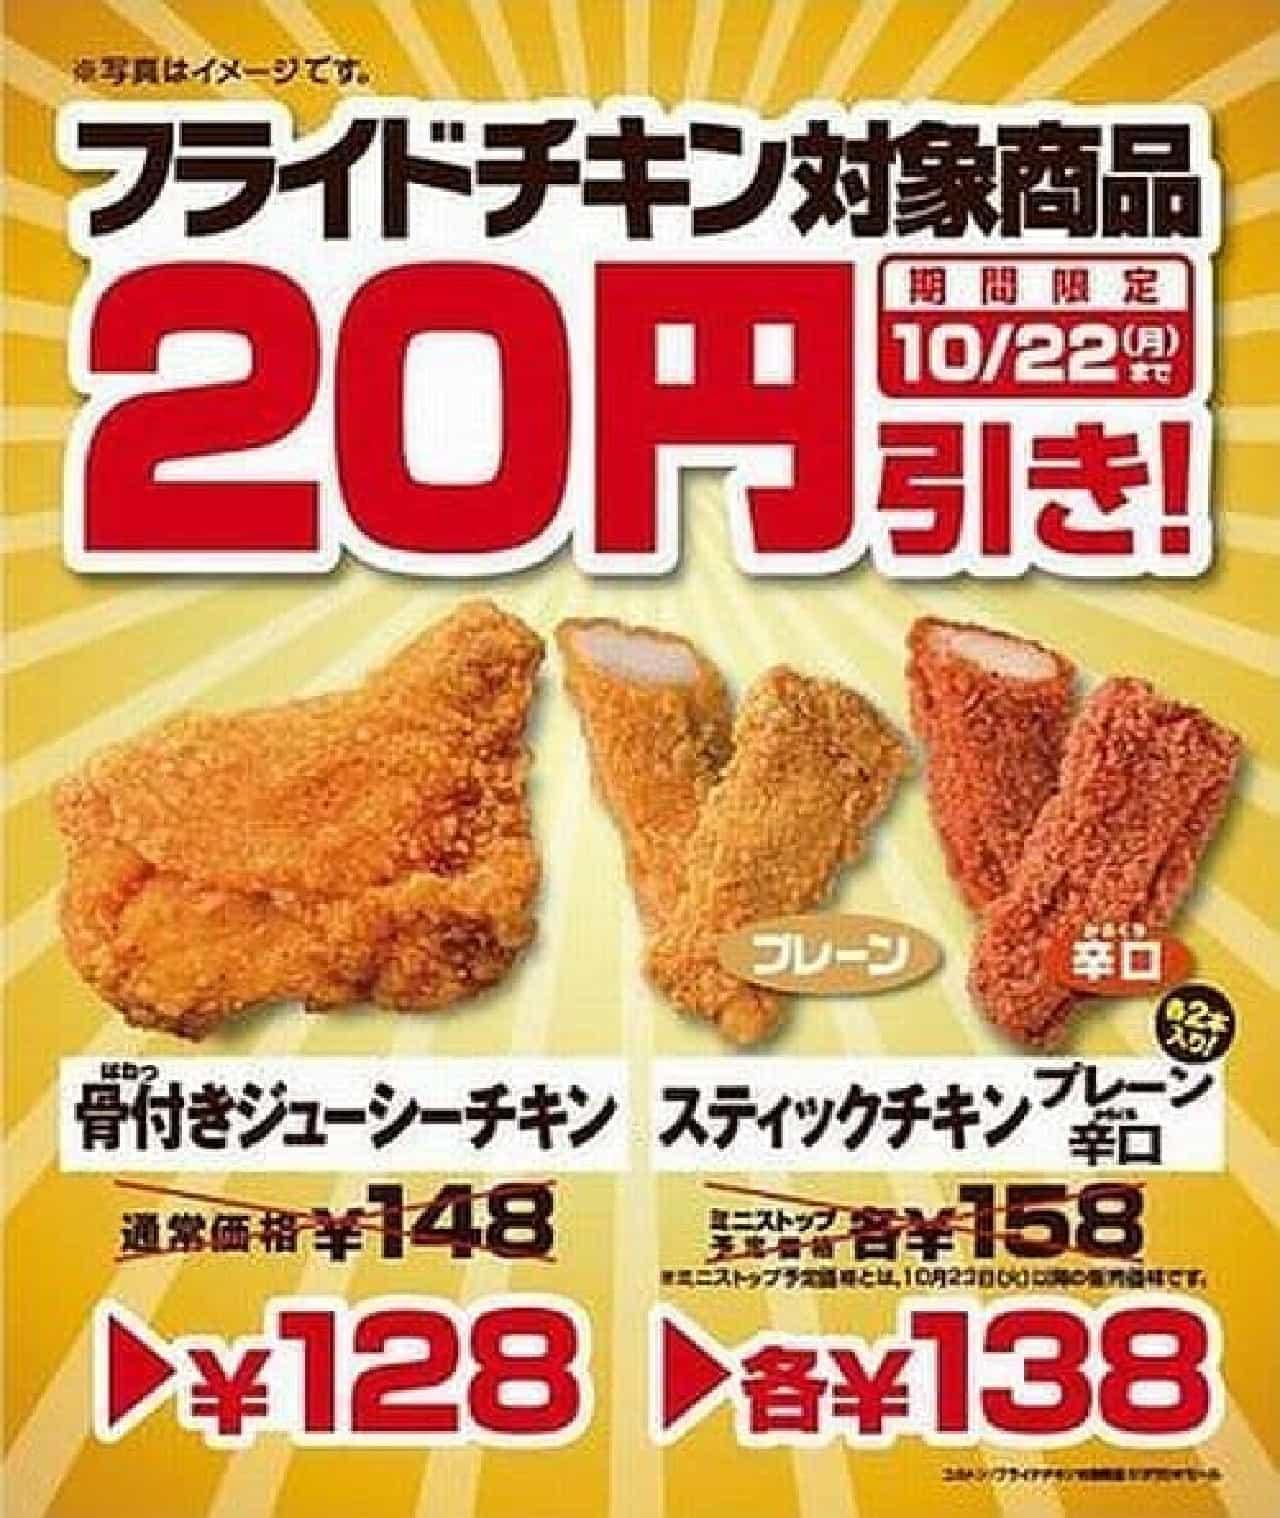 フライドチキン20円引きセール  お得なので急いで!